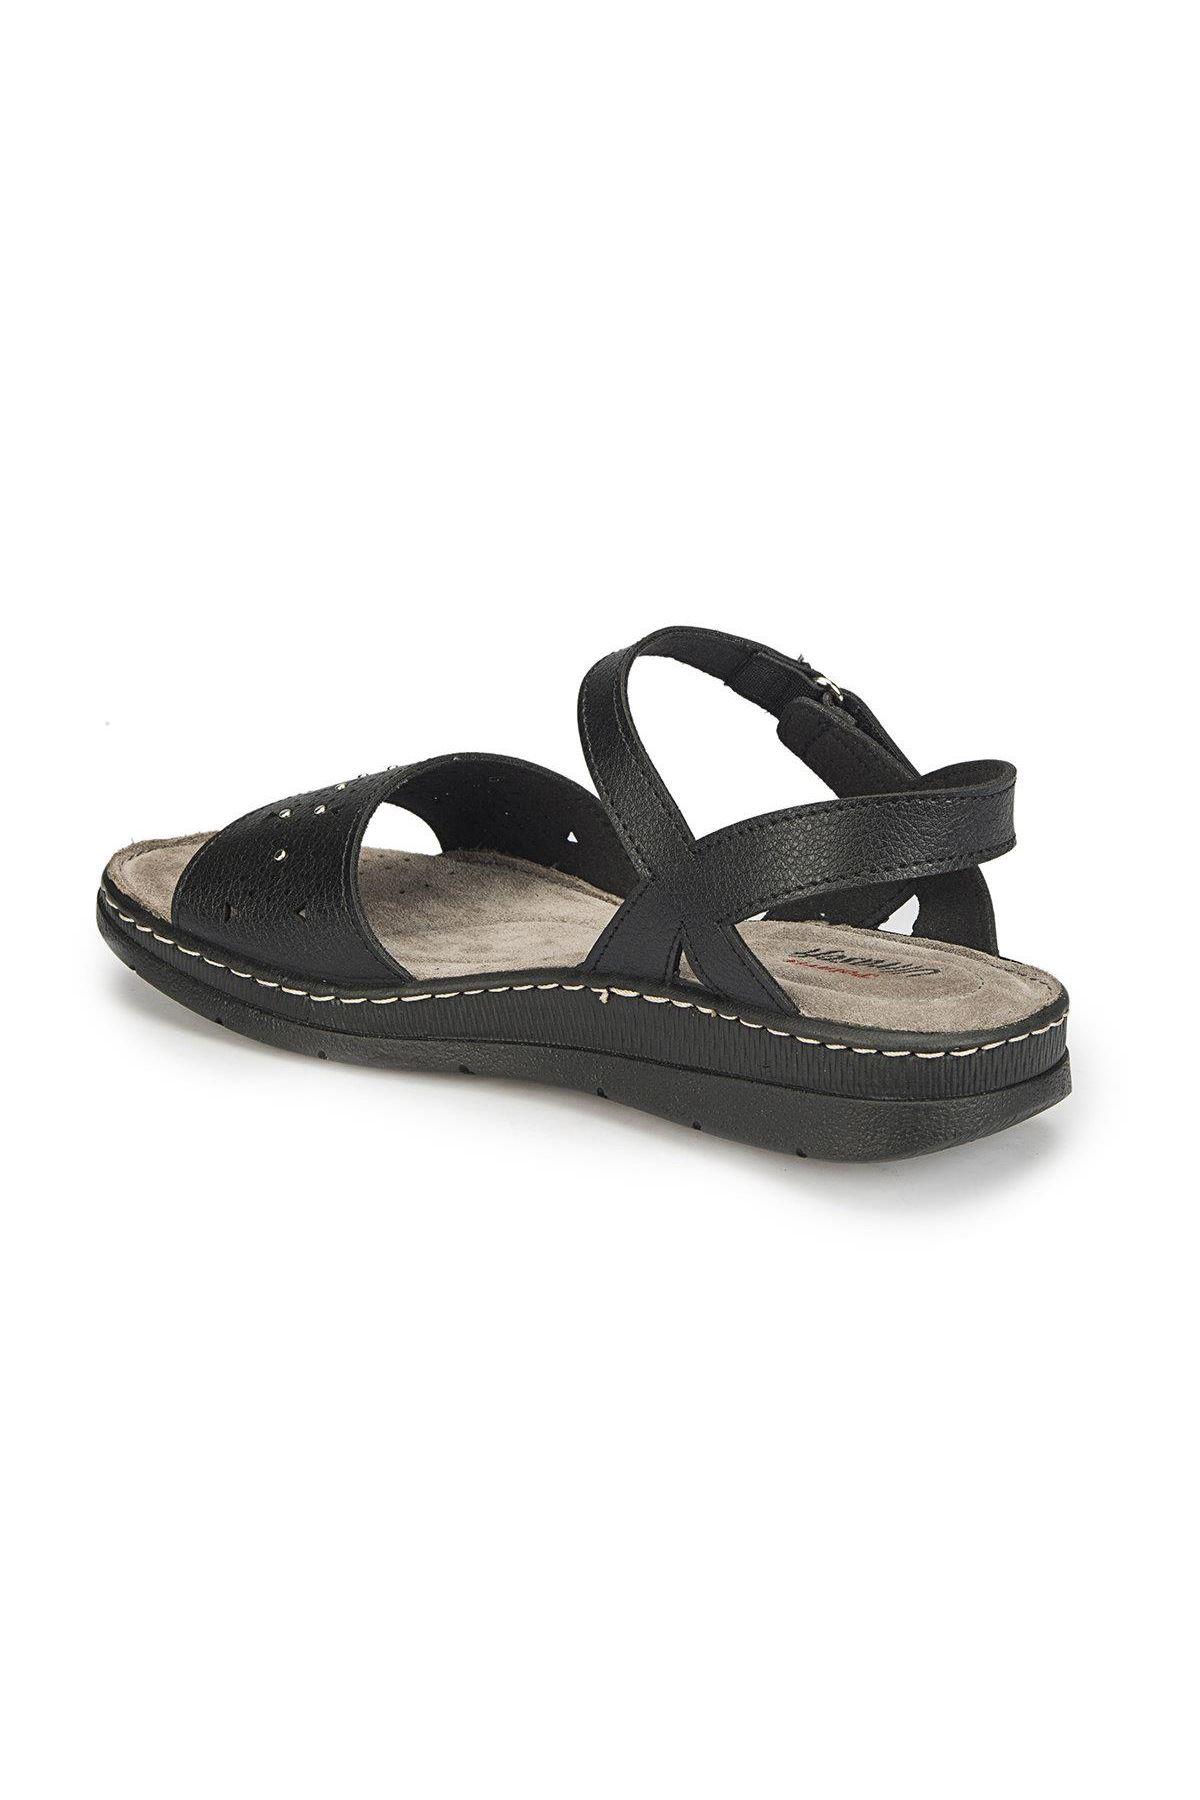 Polaris 413520 Comfort Düz Taban Kadın Sandalet